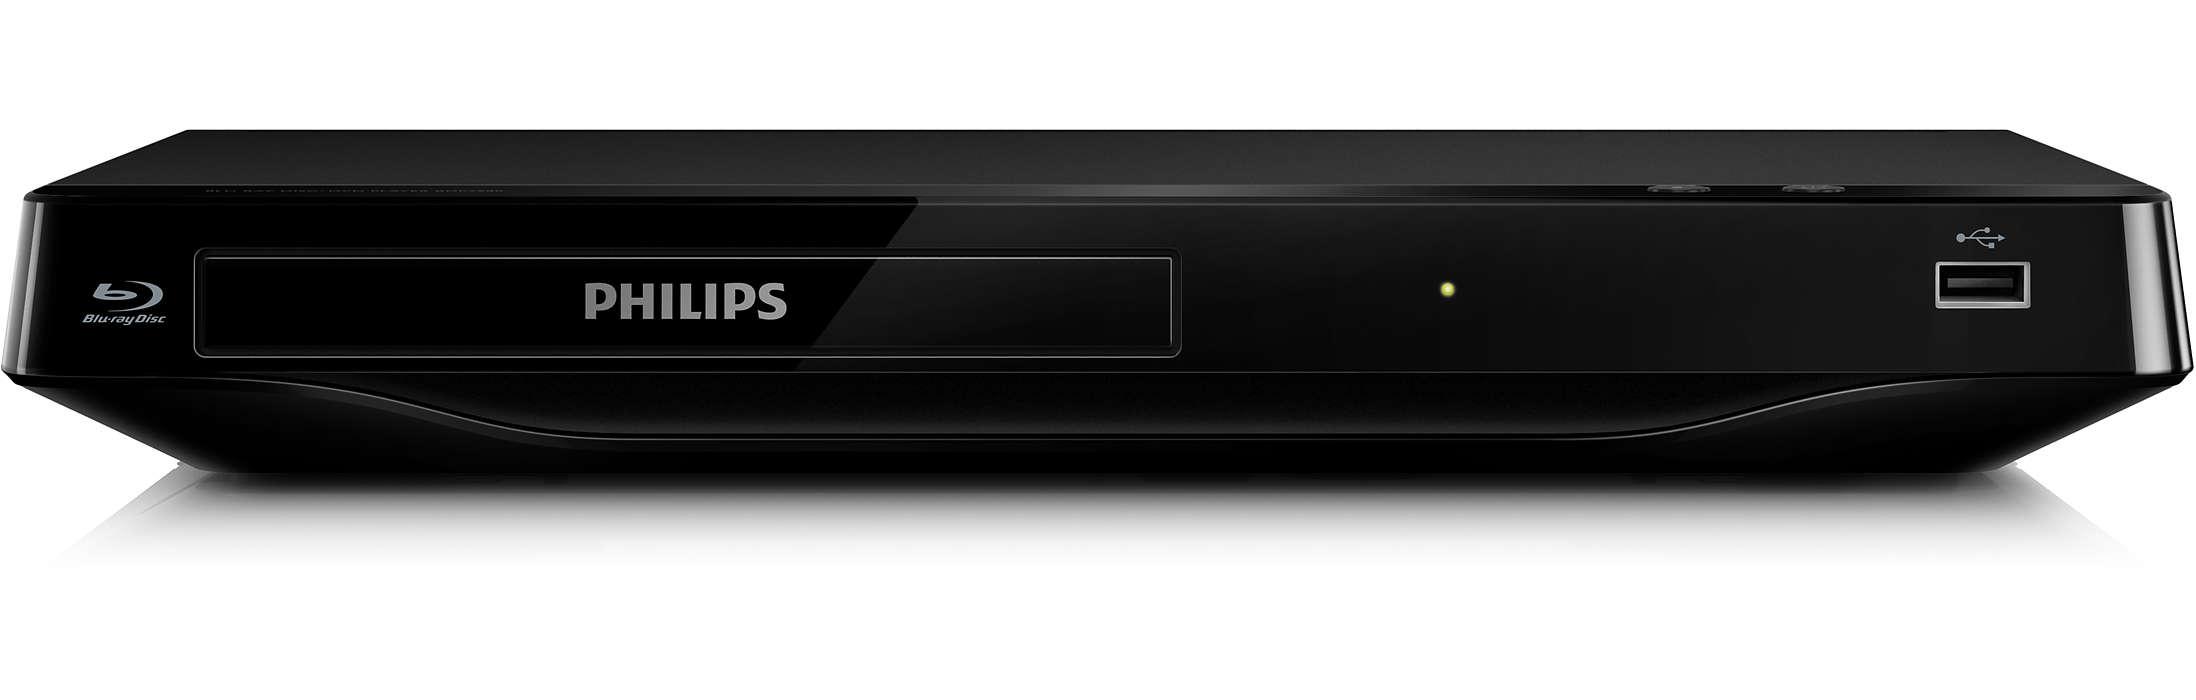 Filmes de alta resolução em HD